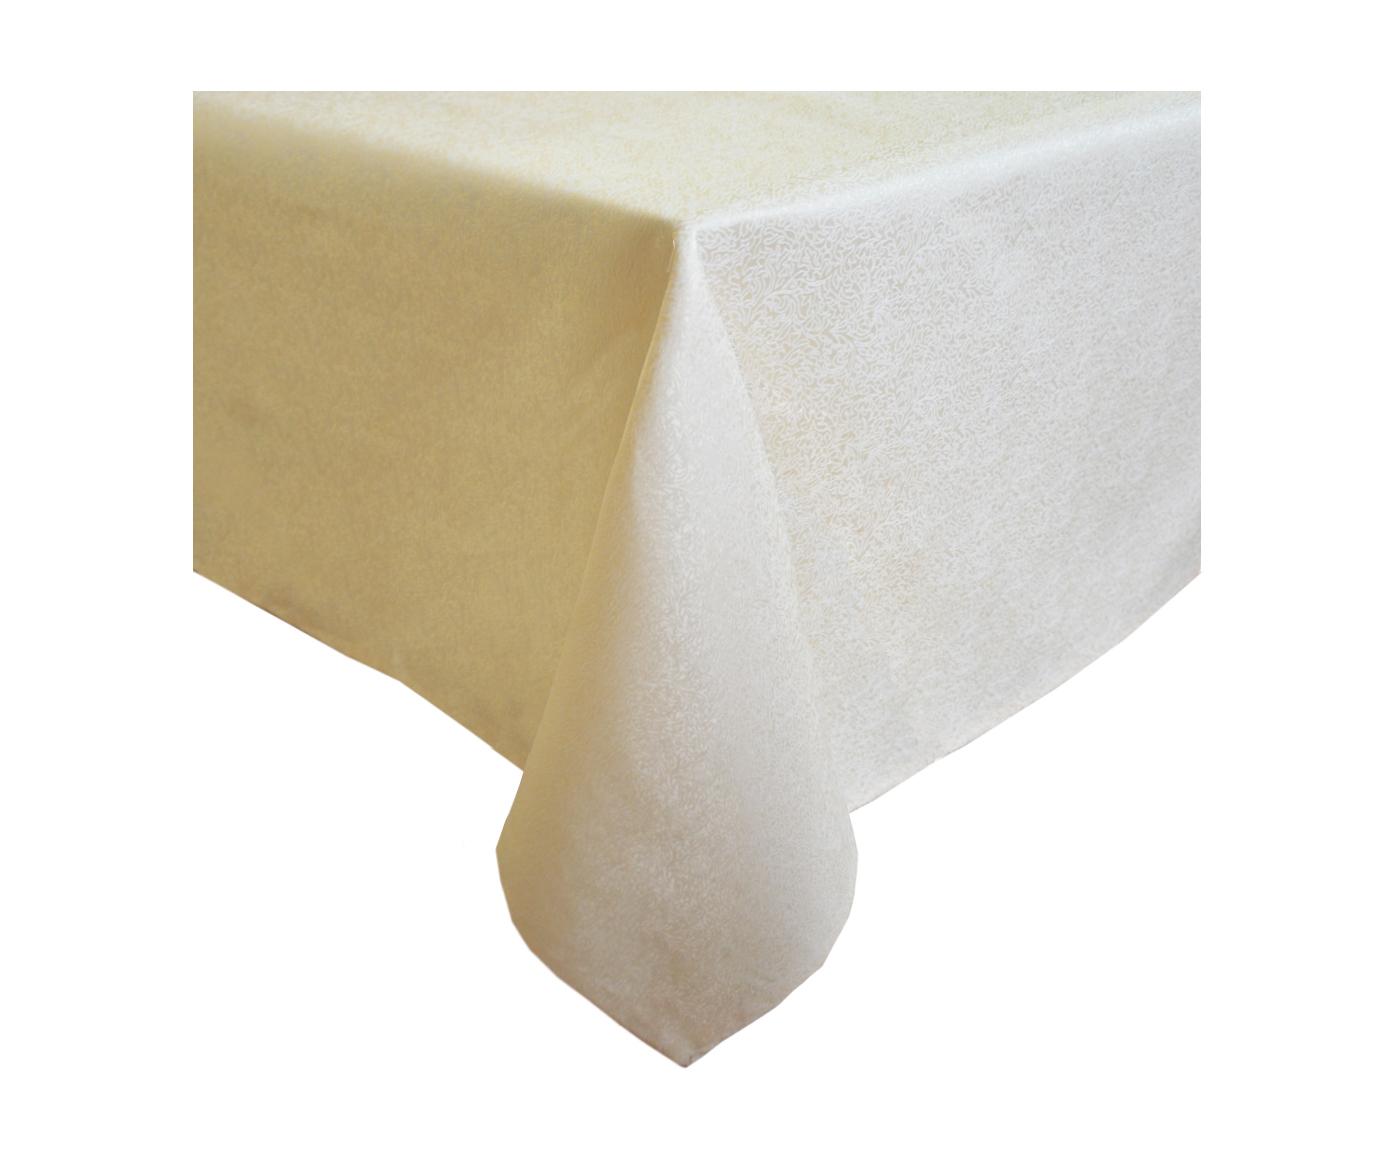 Скатерть ПомпадурСкатерти<br>Скатерть с пропиткой типа  teflon.<br><br>Material: Текстиль<br>Length см: 260<br>Width см: 140